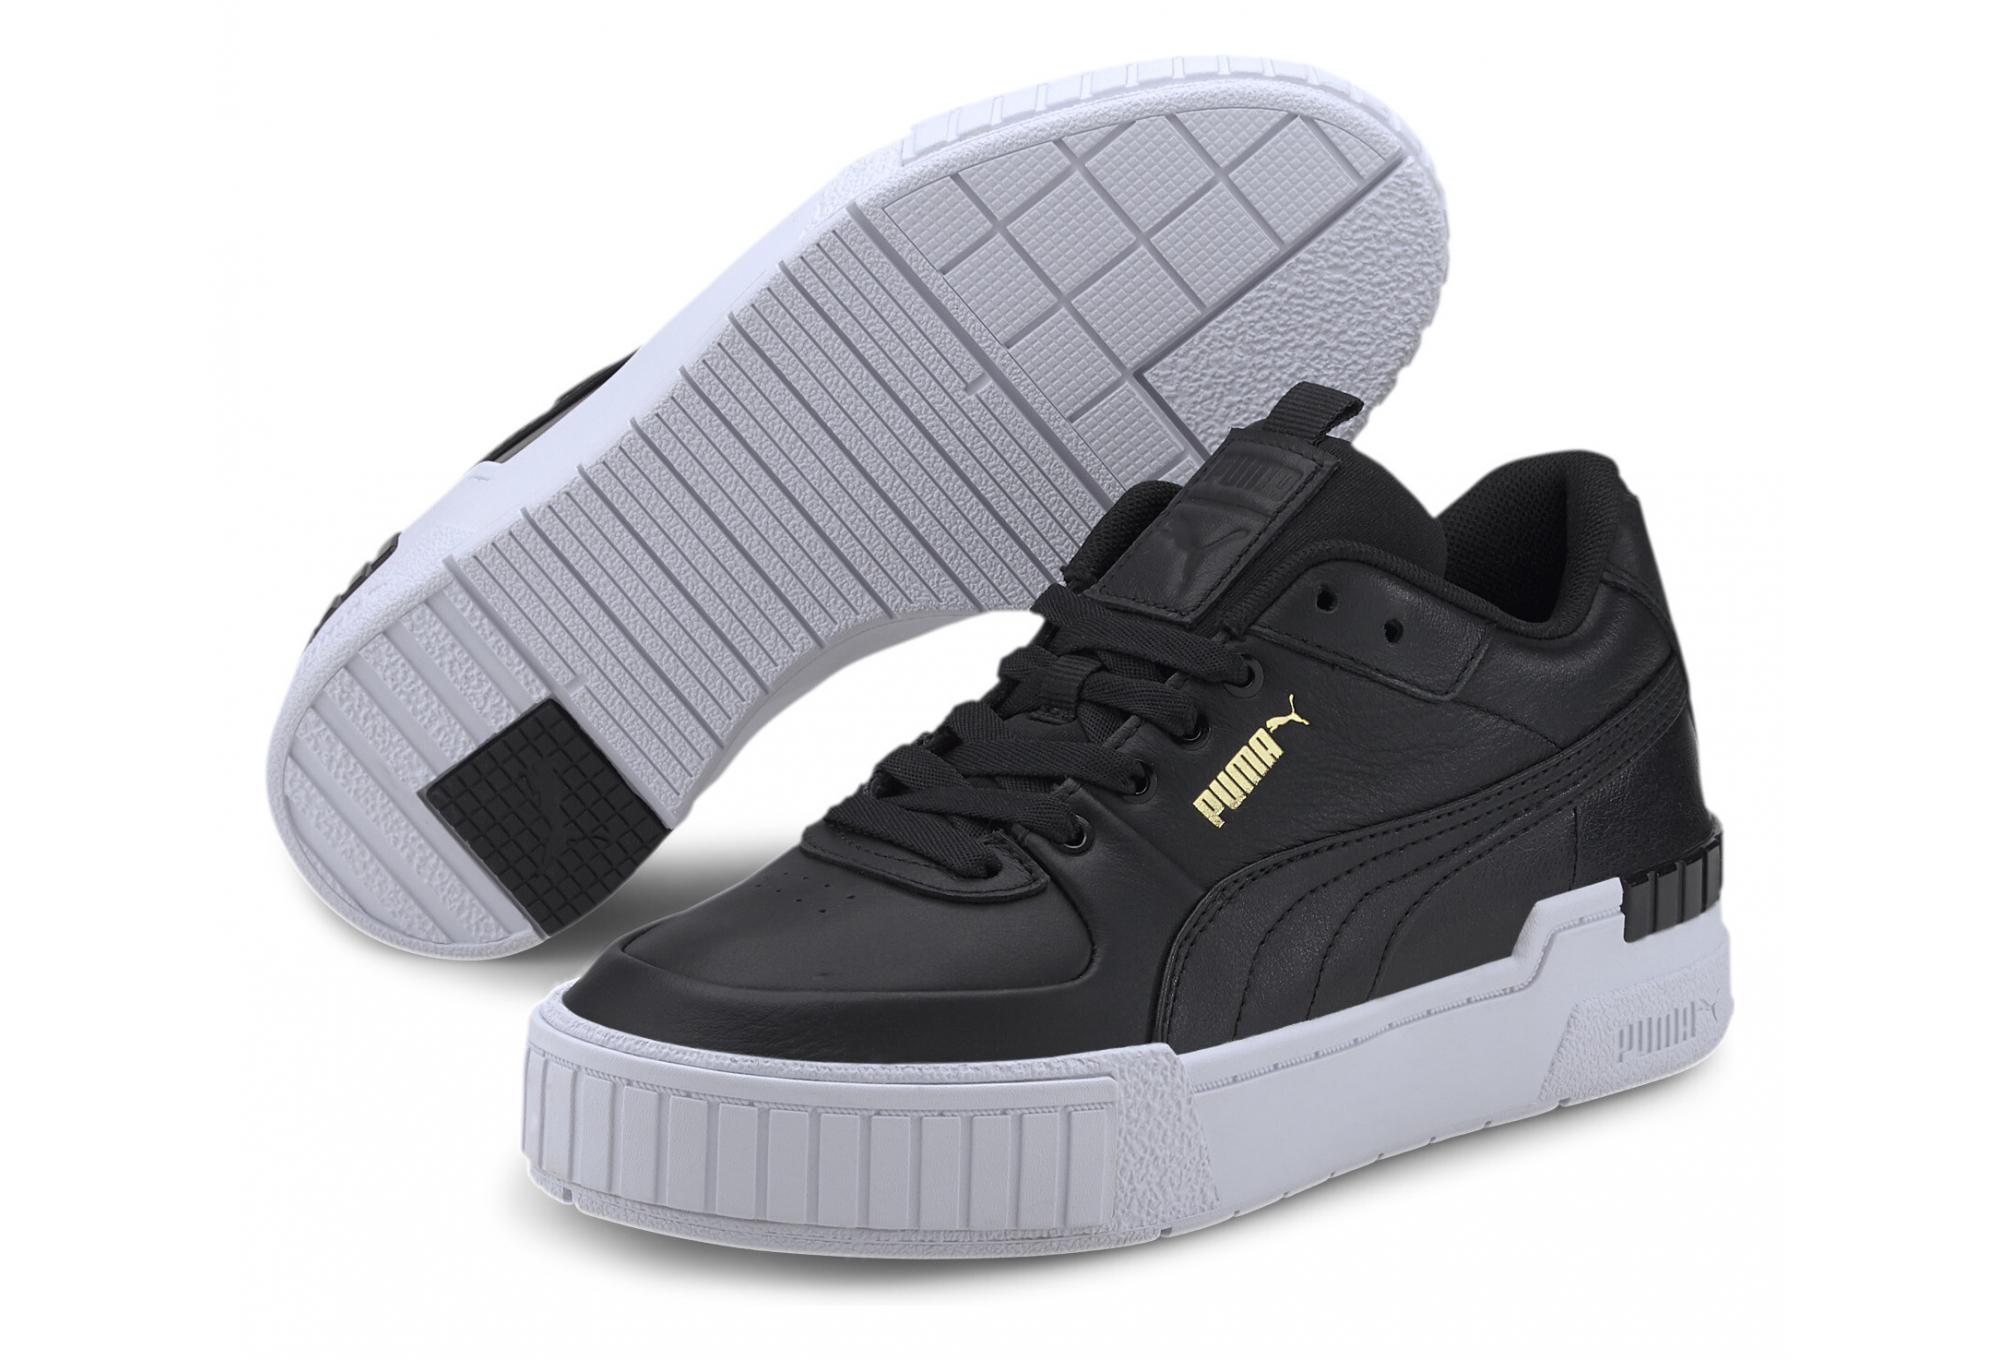 Chaussures femme Puma Cali Sport | Alltricks.com